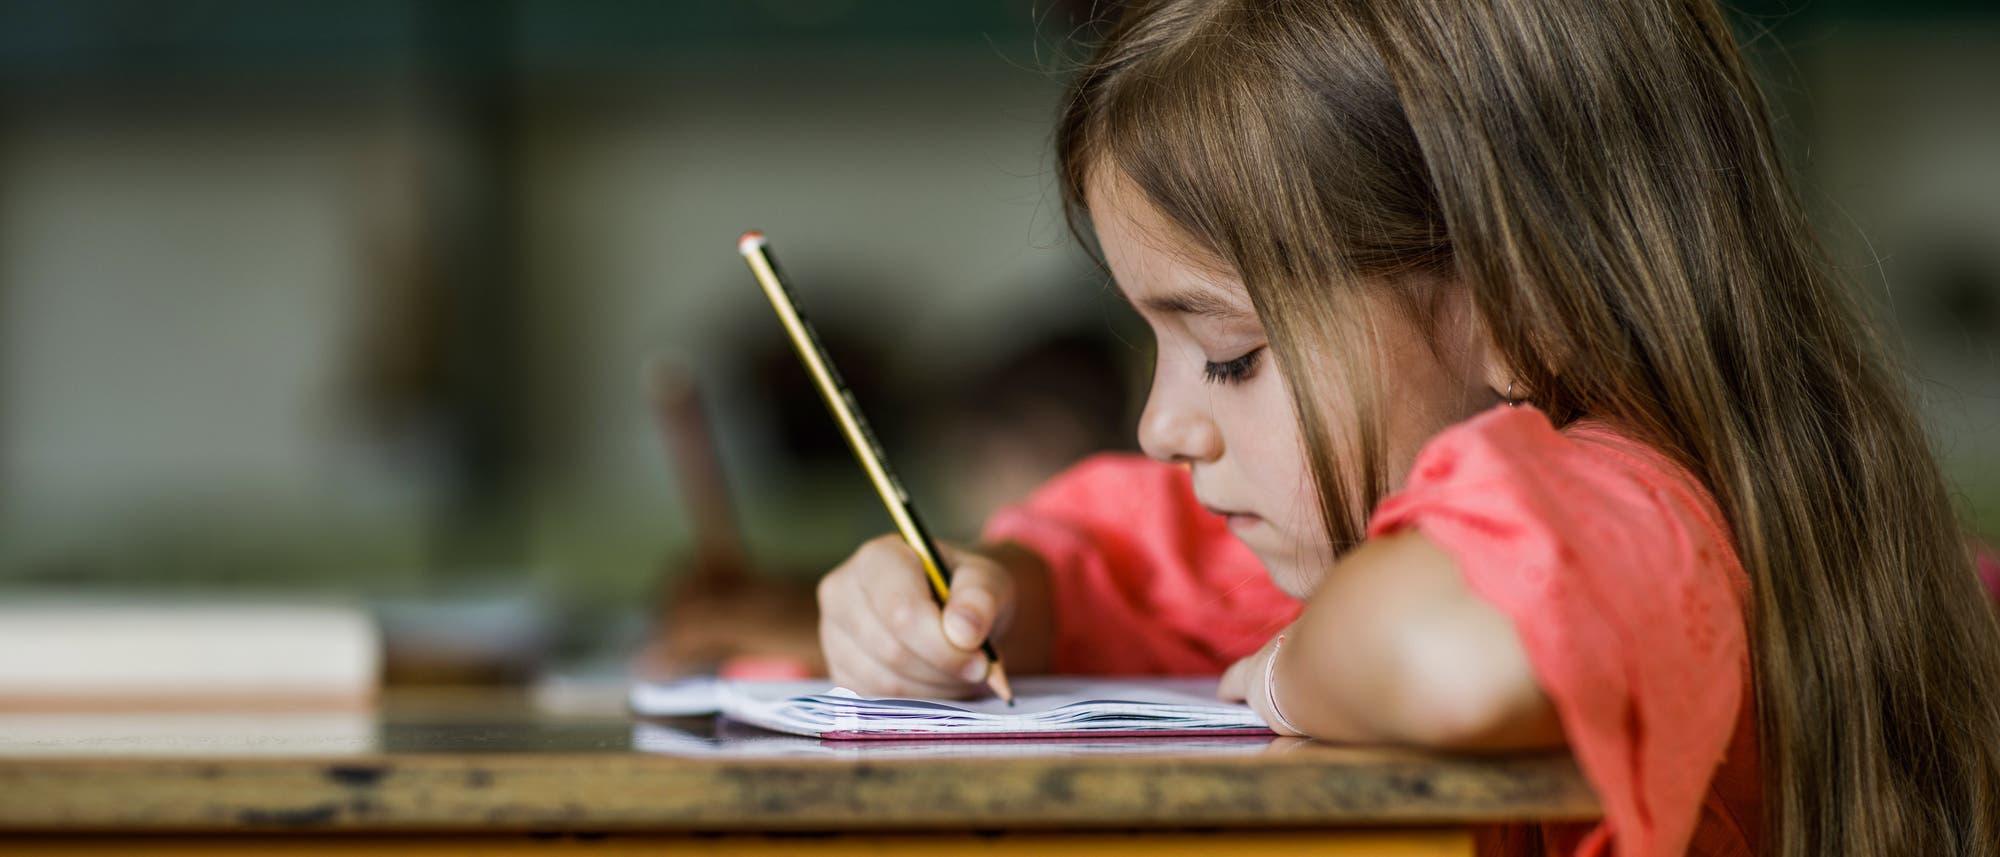 Ein kleines Mädchen schreibt an einem alten Pult in ein Heft